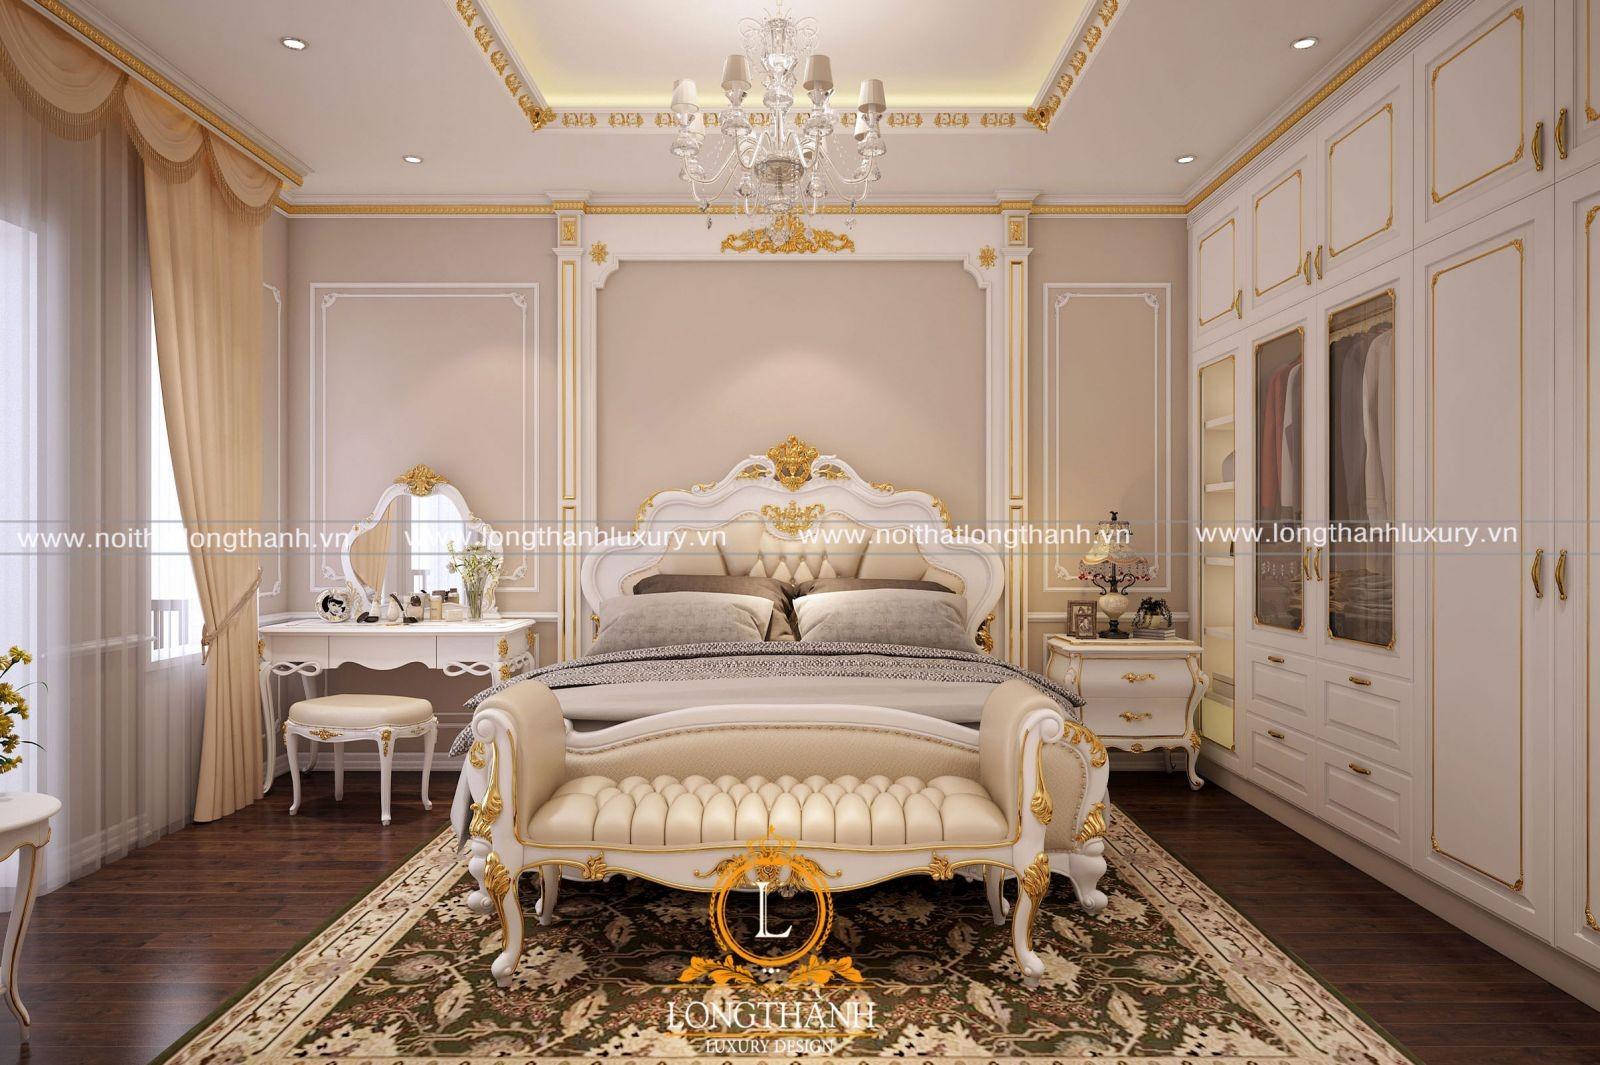 Thiết kế nội thất phòng ngủ tân cổ điển vương giả quý tộc và đẳng cấp